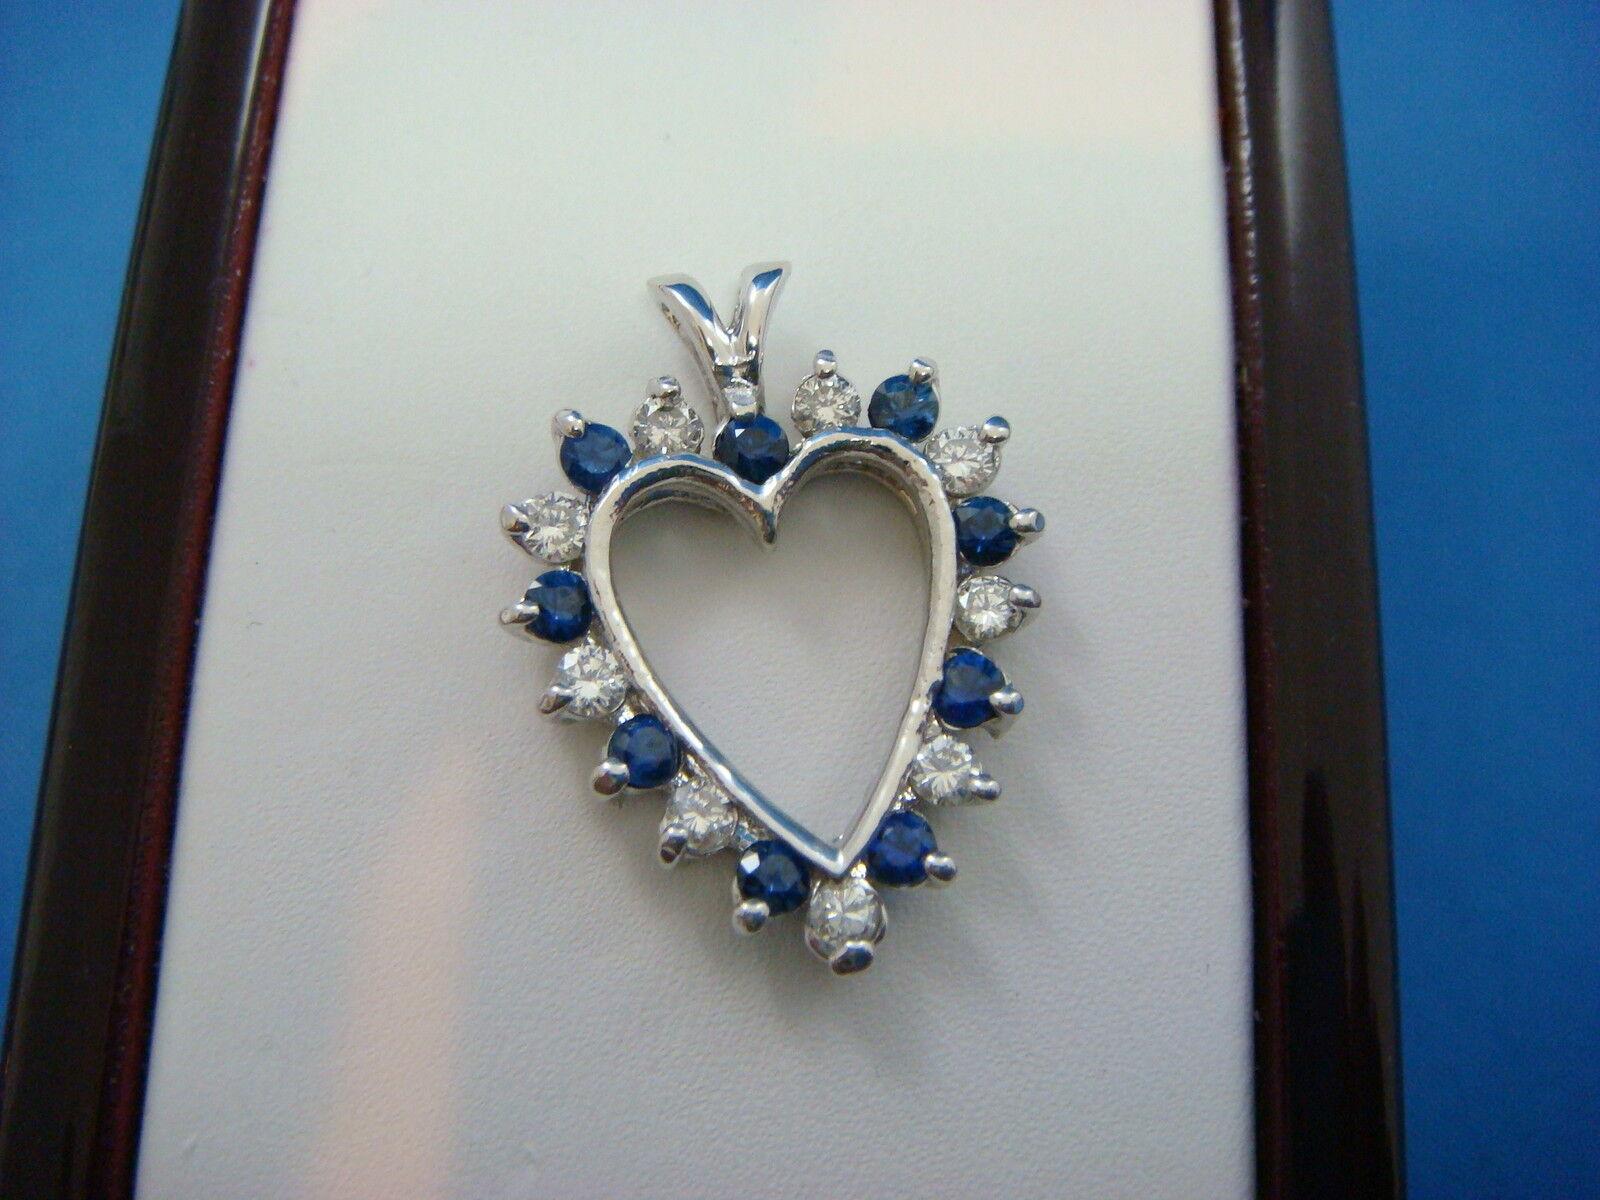 BEAUTIFUL 14K gold 1.20 CARAT T.W. SAPPHIRE AND DIAMONDS HEART SHAPED PENDANT